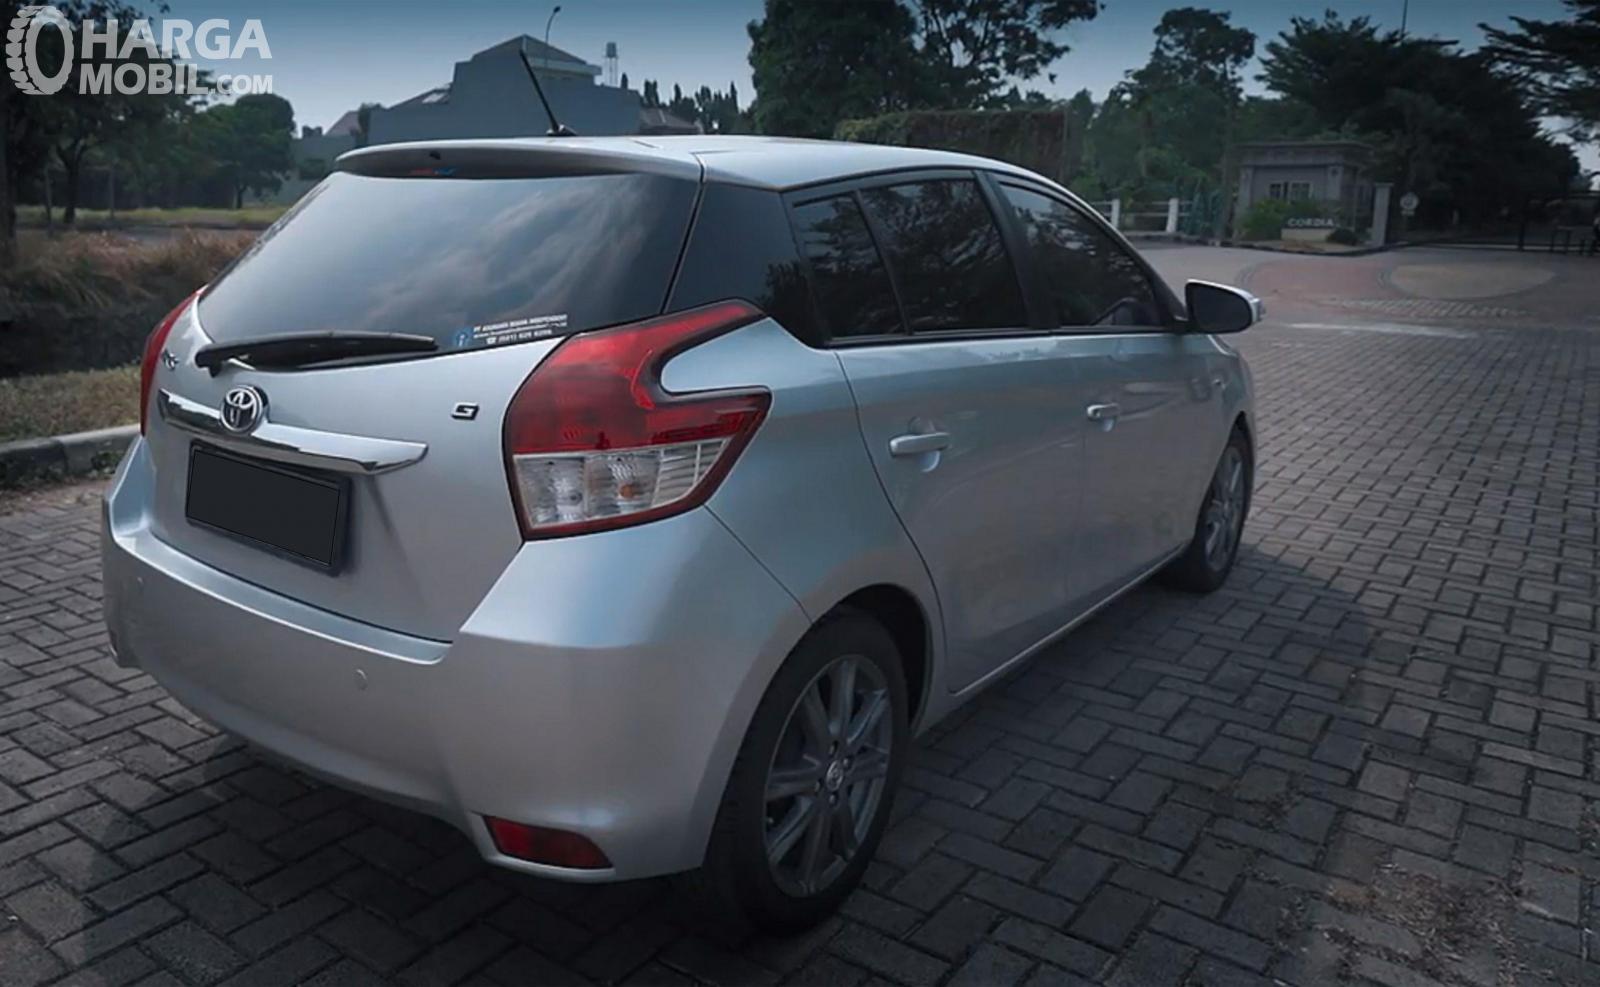 Eksterior Belakang Toyota Yaris G AT 2014 sudah dilengkapi dengan Spoiler berukuran minimalis